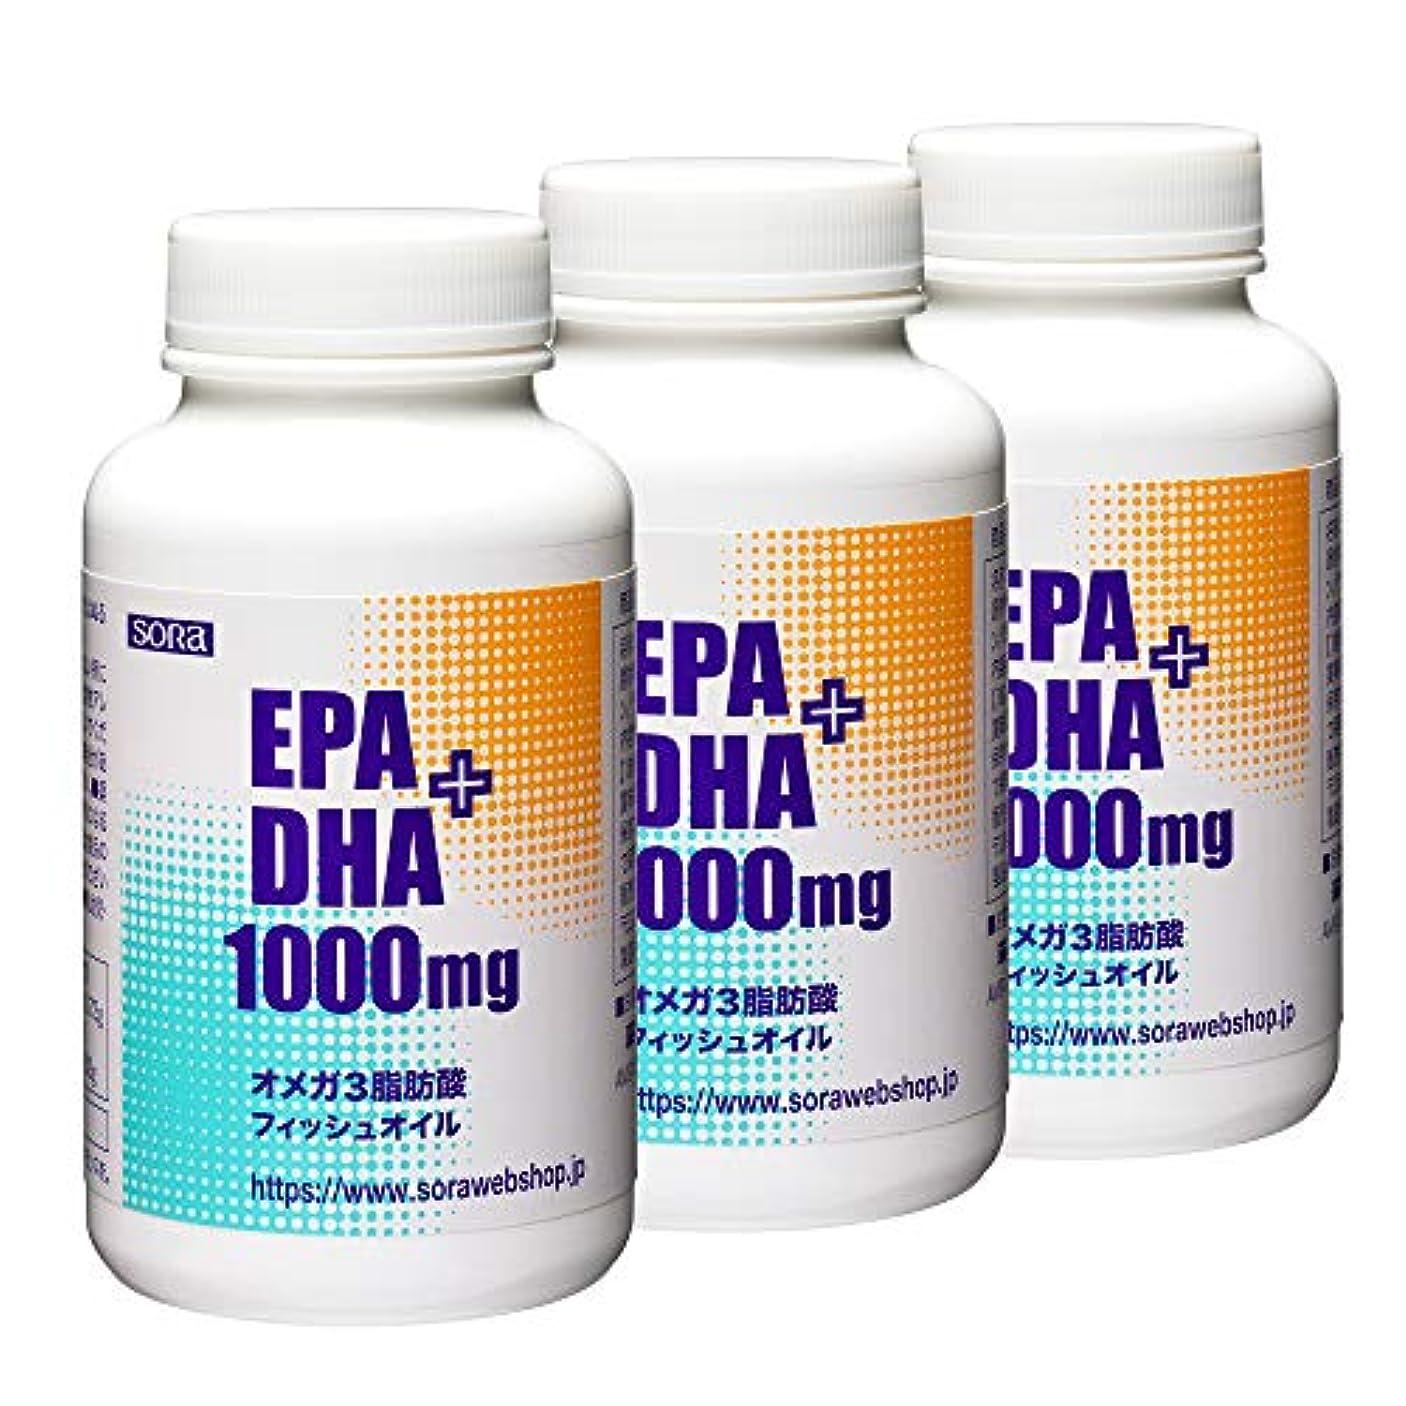 個人的な火山学経歴【まとめ買い】そら EPA+DHA 1000mg (魚のオイル オメガ3) 【180粒入 × 3本セット】[5% OFF]